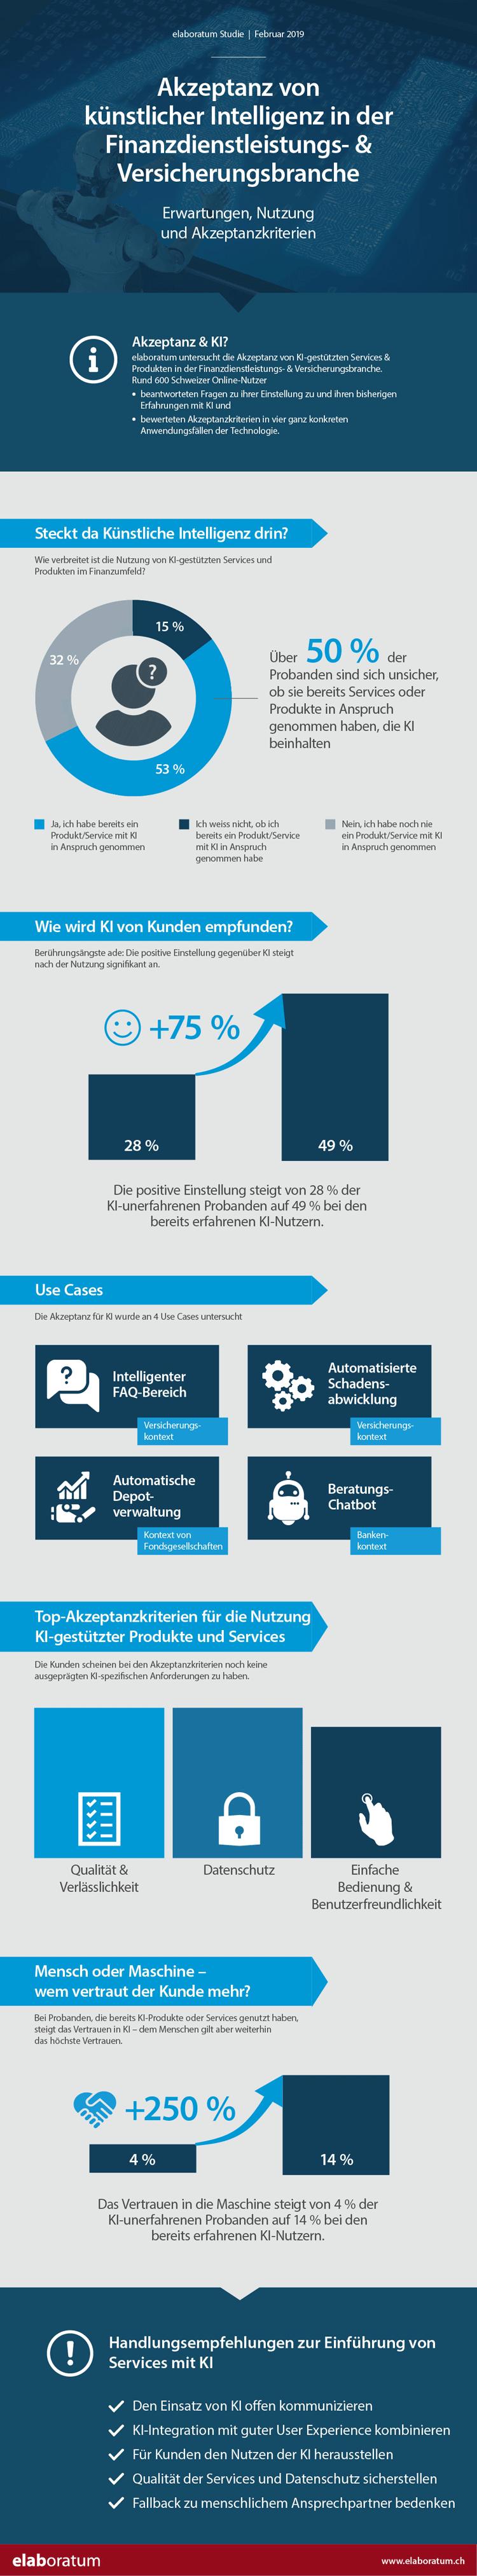 Infografik: Akzeptanz von künstlicher Intelligenz in der Finanzbranche